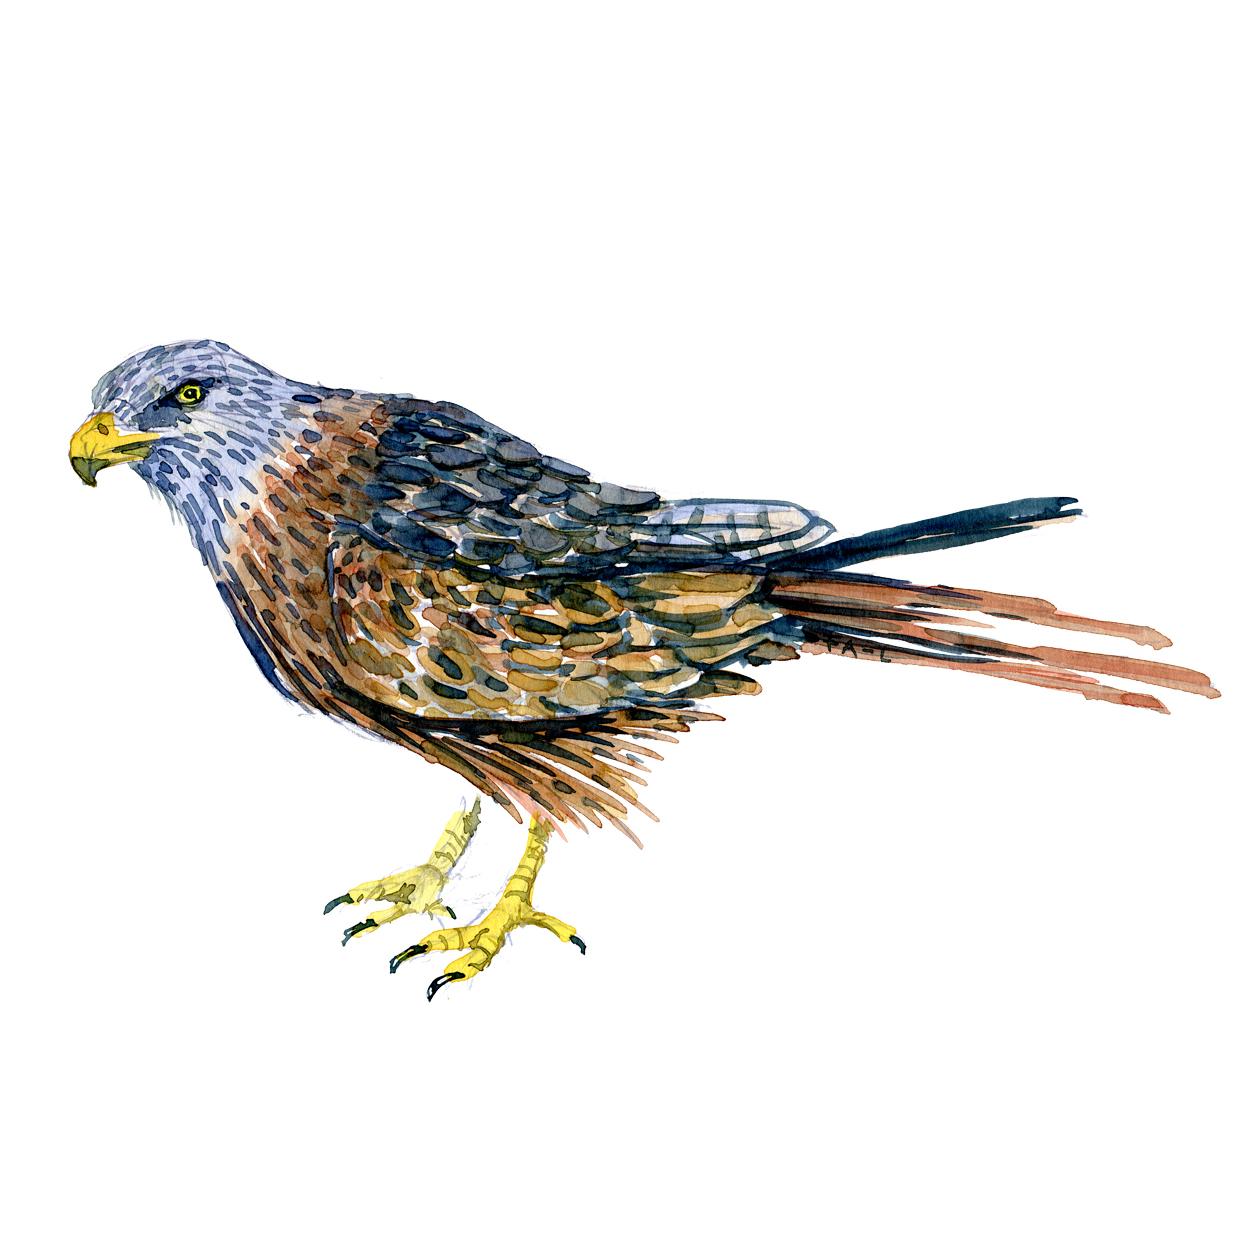 Roed Glente fugle akvarel af Frits Ahlefeldt, Biodiversitet i Danmark illustration